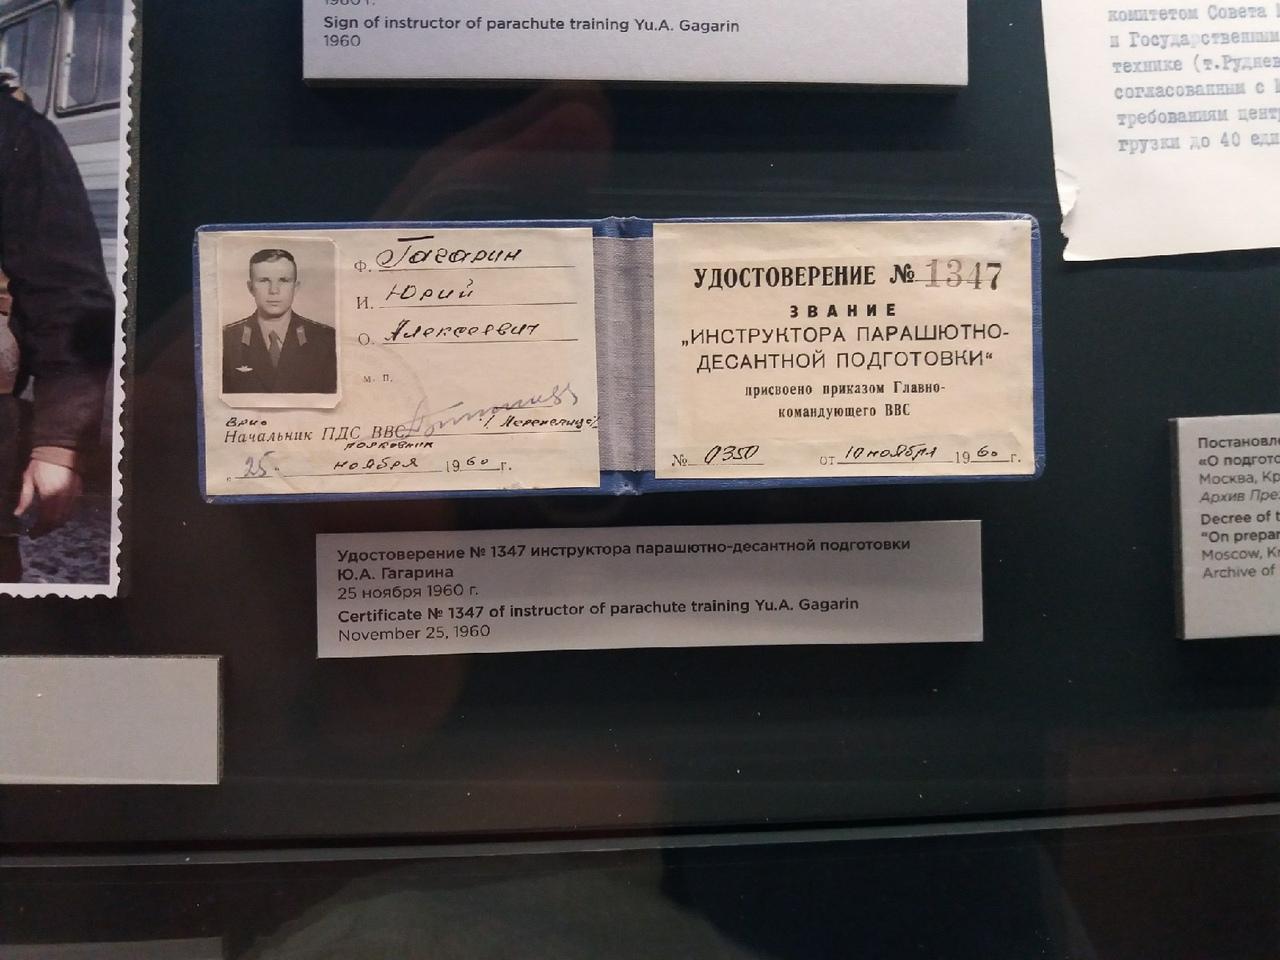 Личное удостоверение Ю.А. Гагарина